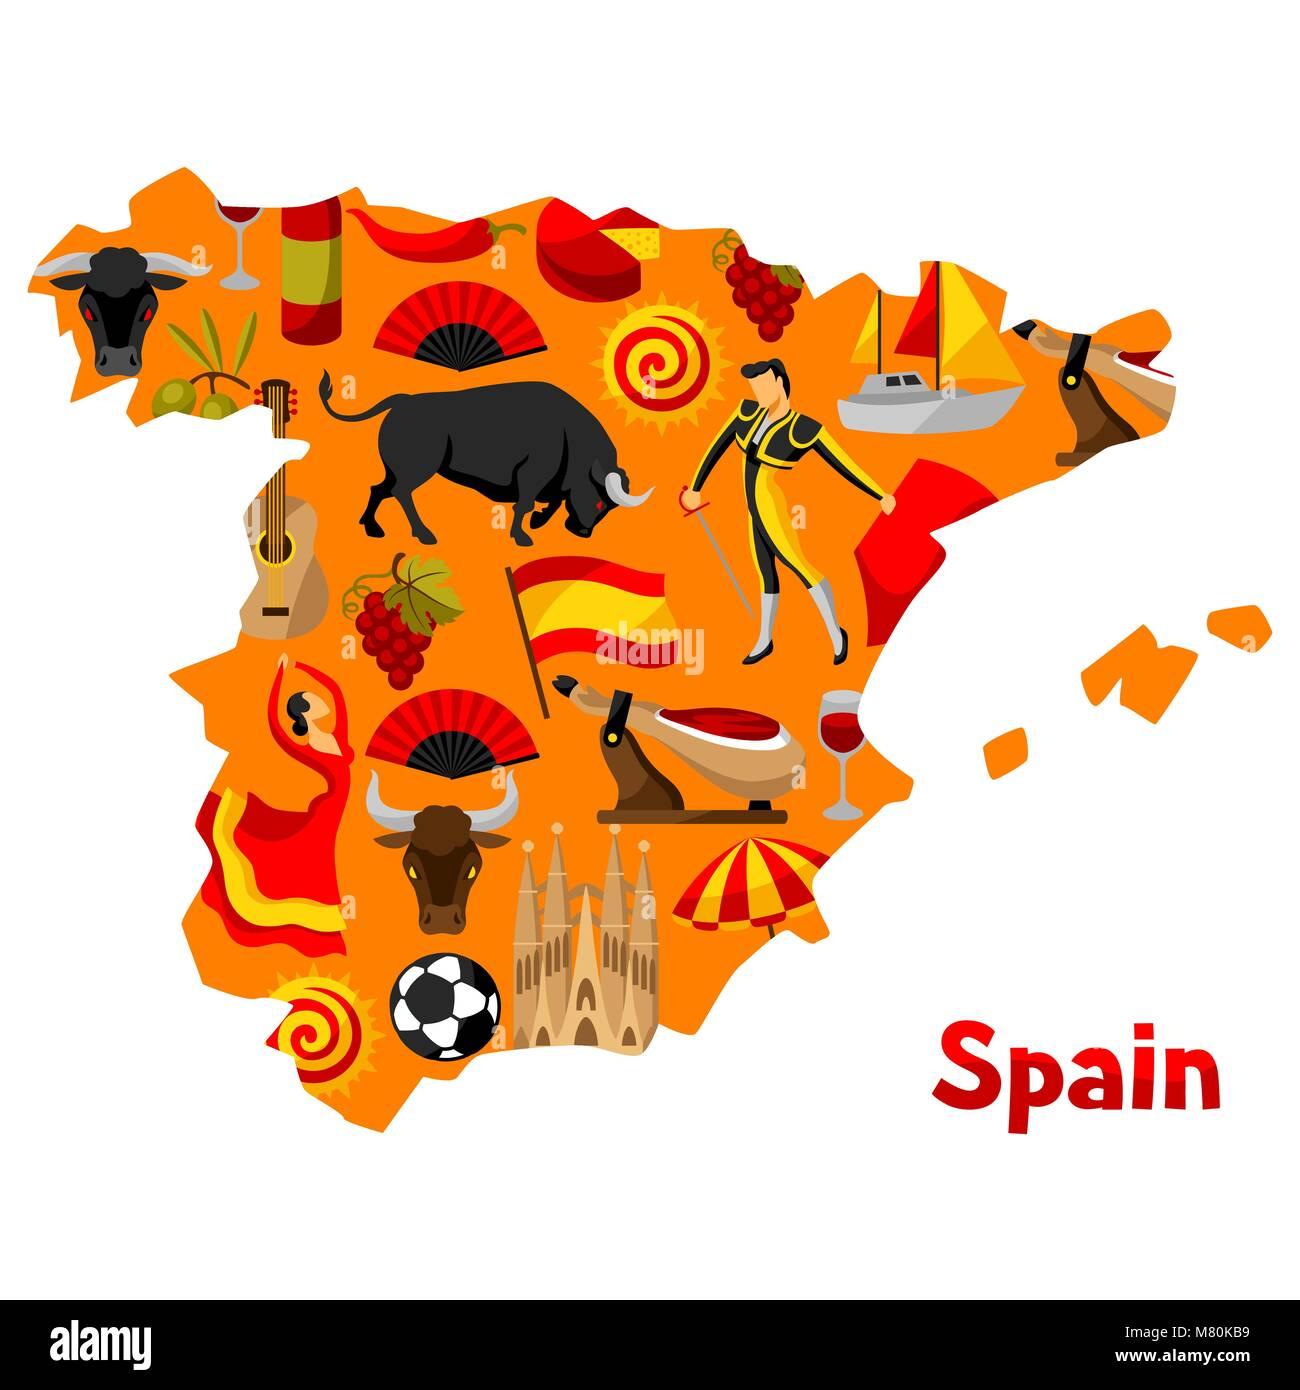 Spanische Karte.Karte Von Spanien Hintergrund Design Spanische